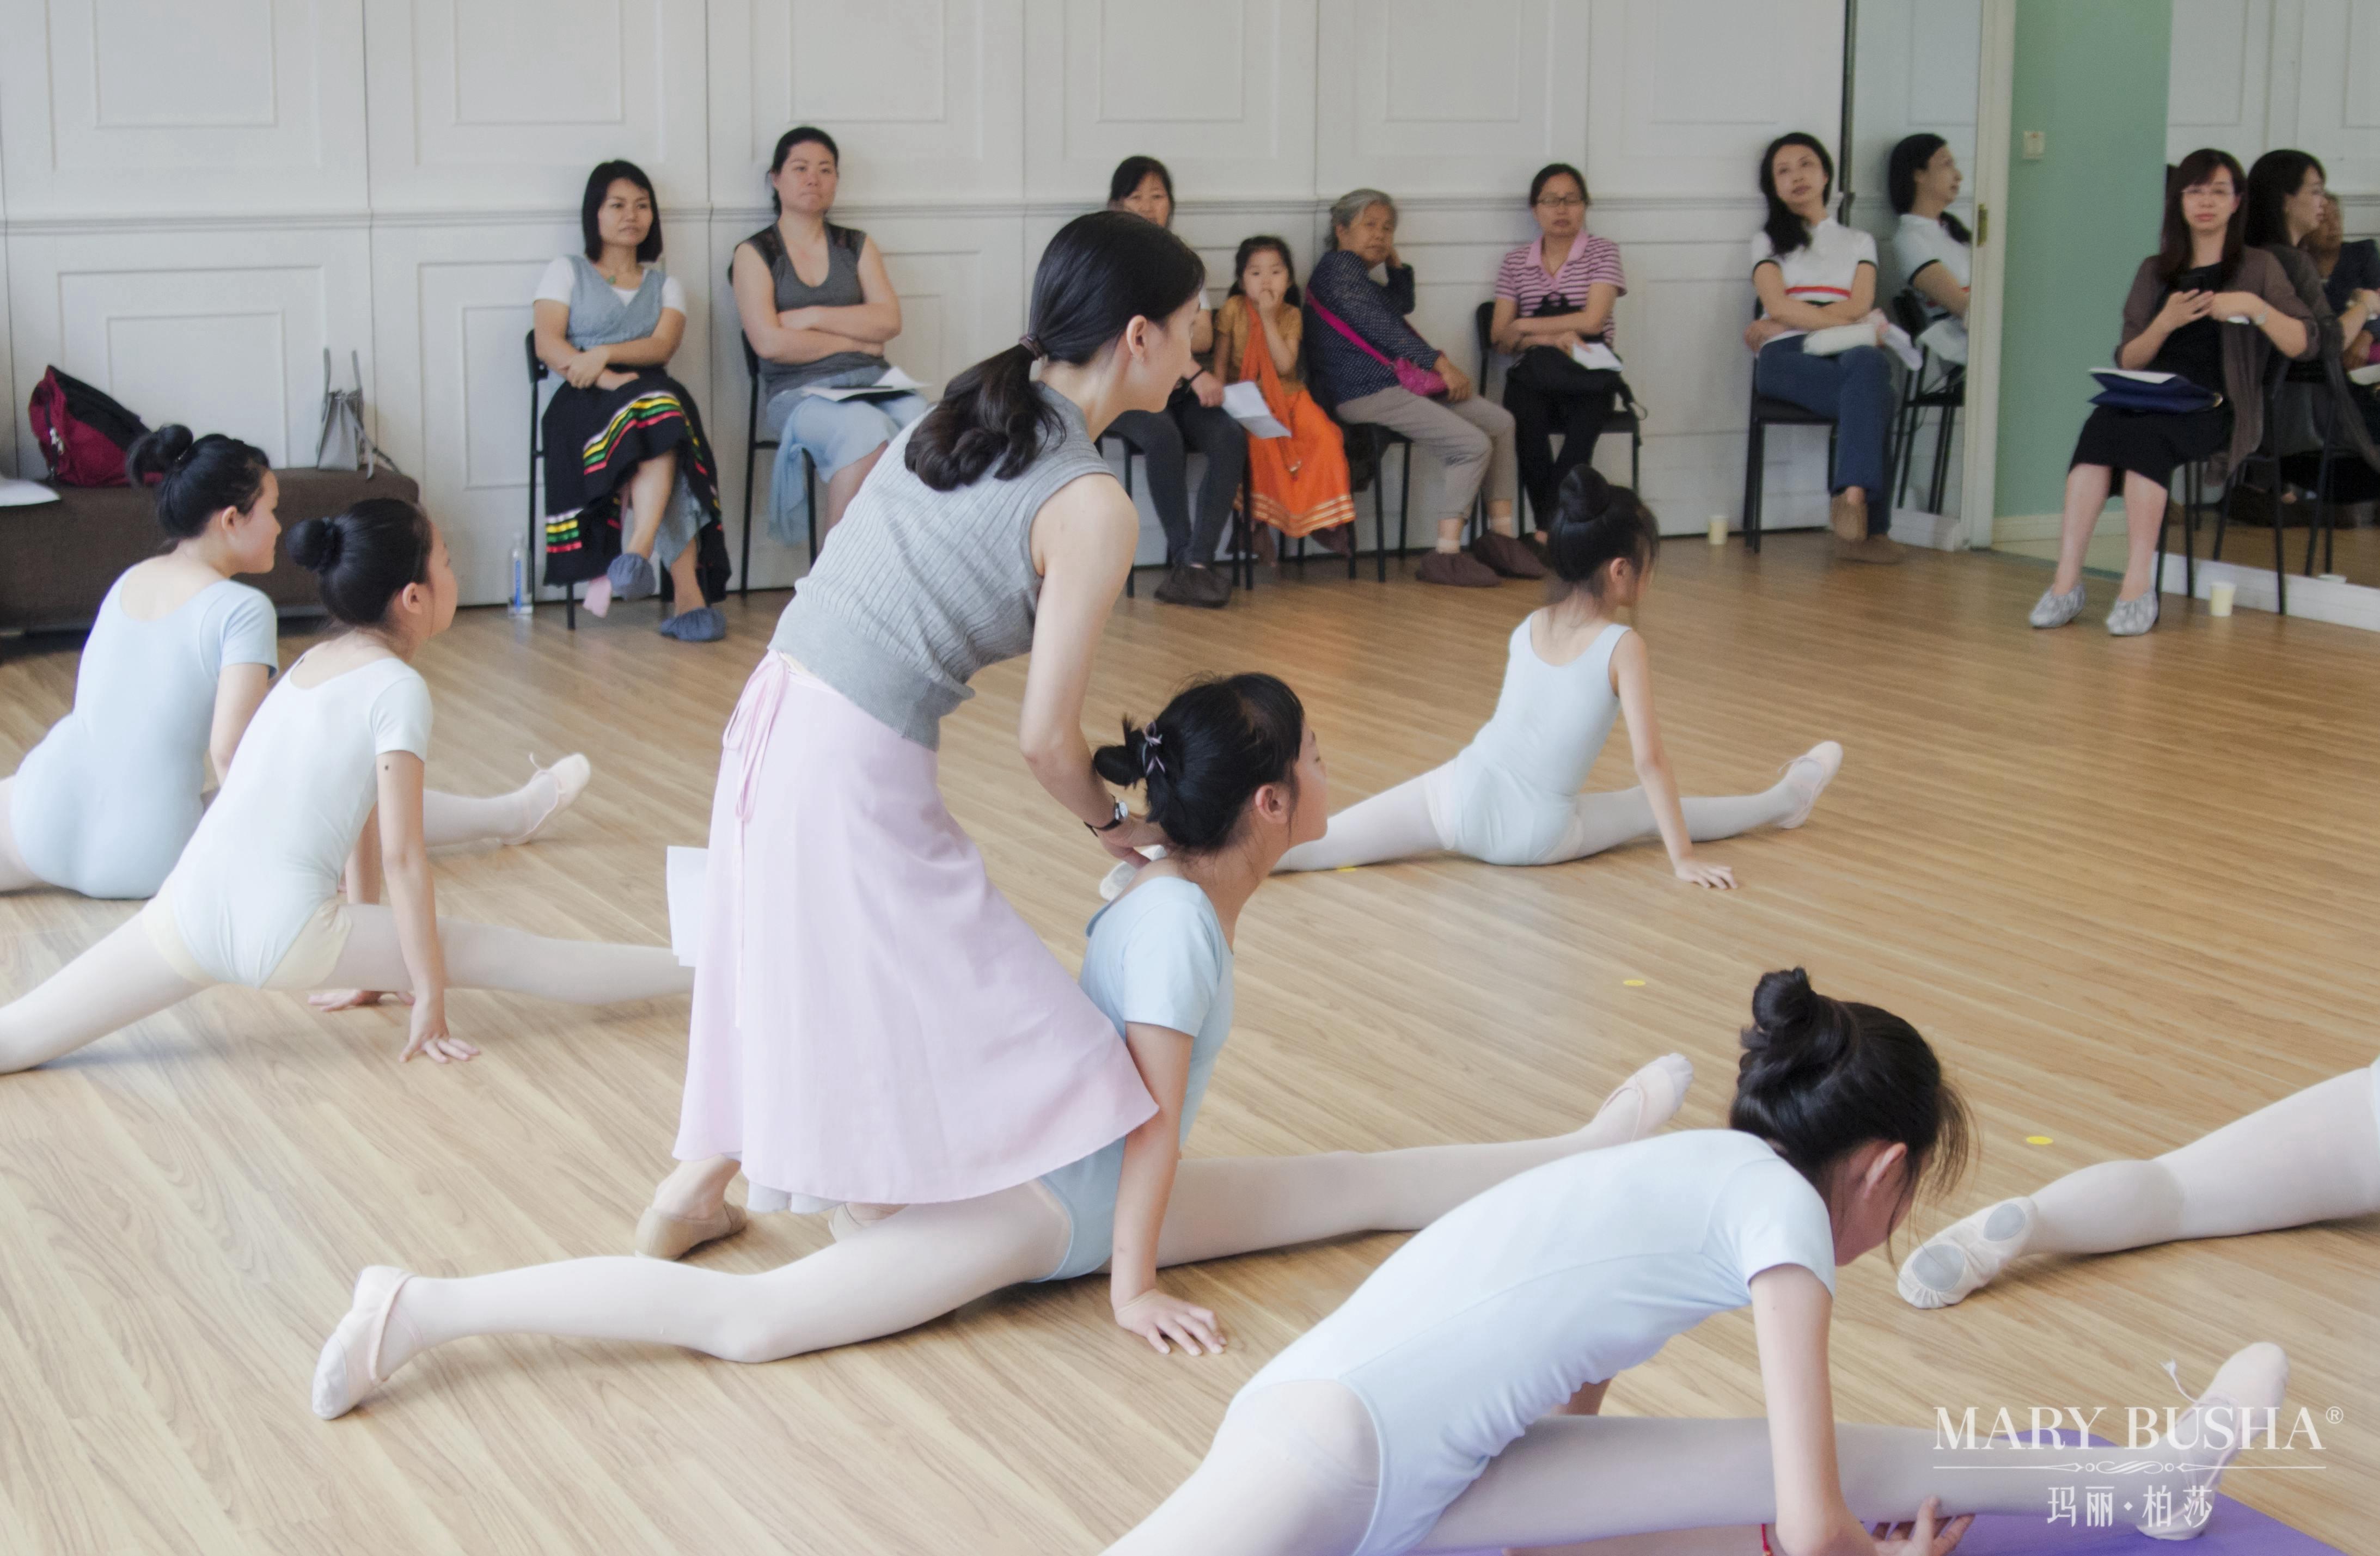 儿童芭蕾舞培训的好处有哪些